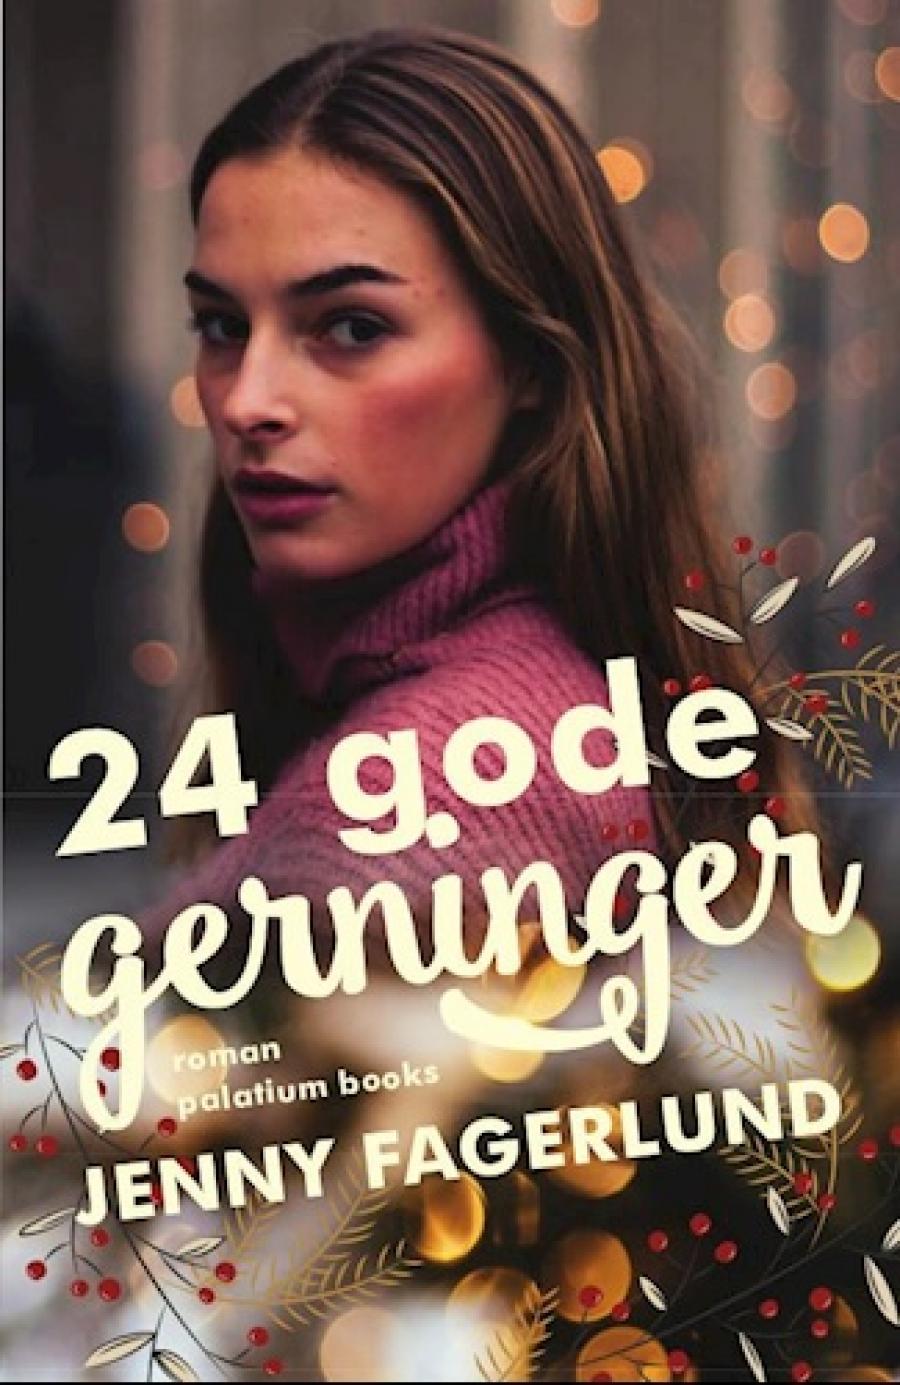 24 gode gerninger af Jenny Fagerlund